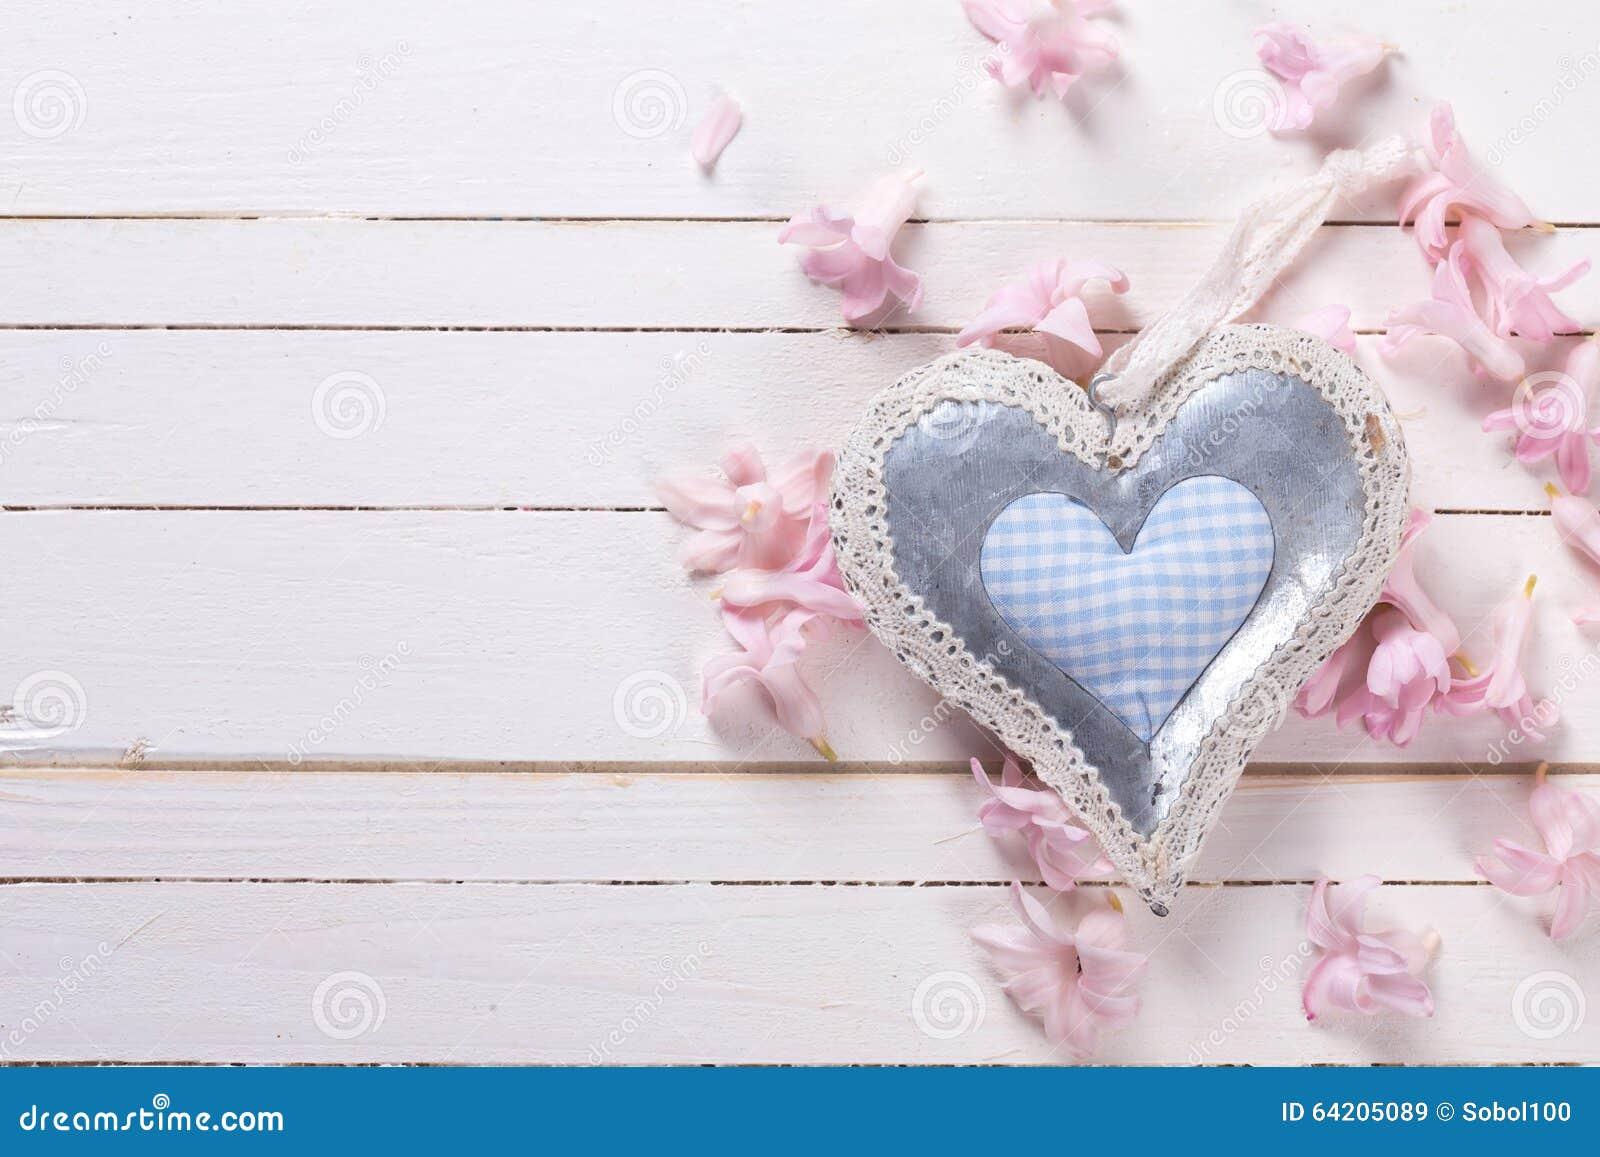 El corazón decorativo y las pequeñas flores rosadas en el blanco pintado cortejan